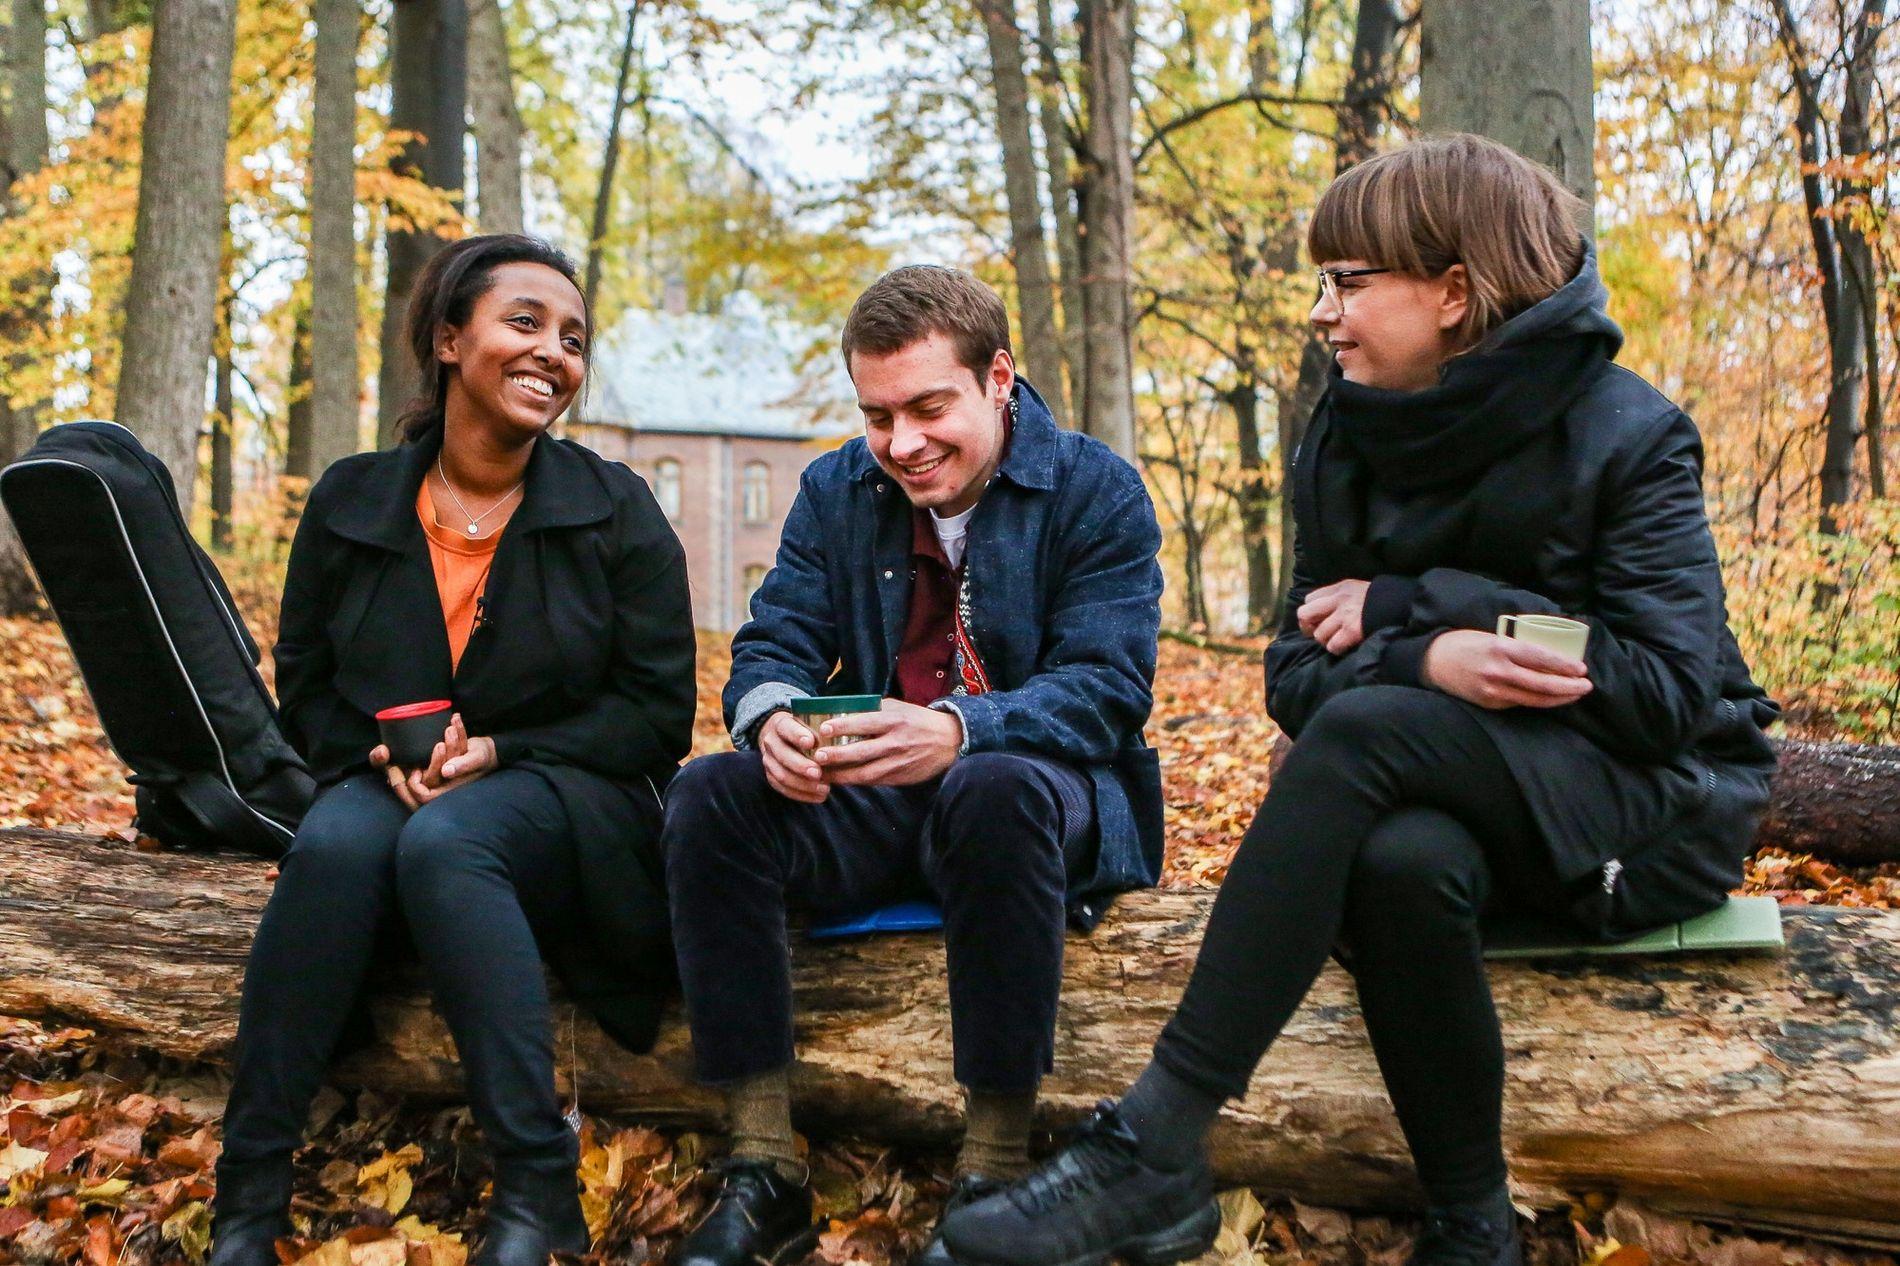 PUST I BAKKEN: Emil, omkranset av venninnen Inger (til venstre) og Cecilie Ramona Kåss Furuseth i «Sinnsykt».